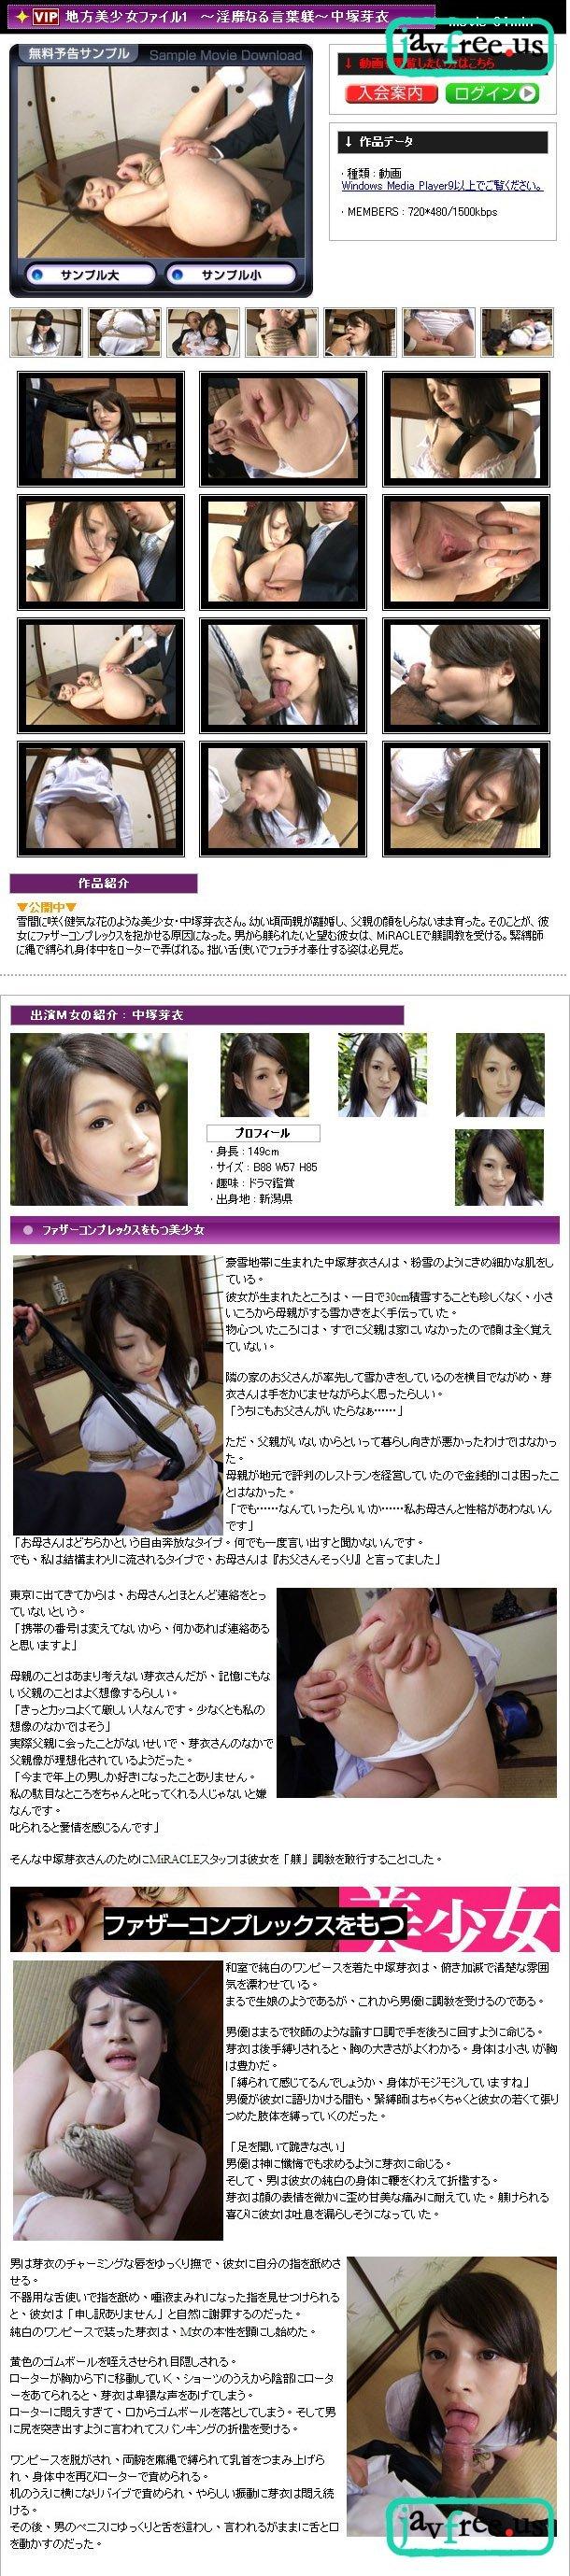 Neo Miracle 0459 Mei Nakatuka 中塚芽衣 Mei Nakatuka